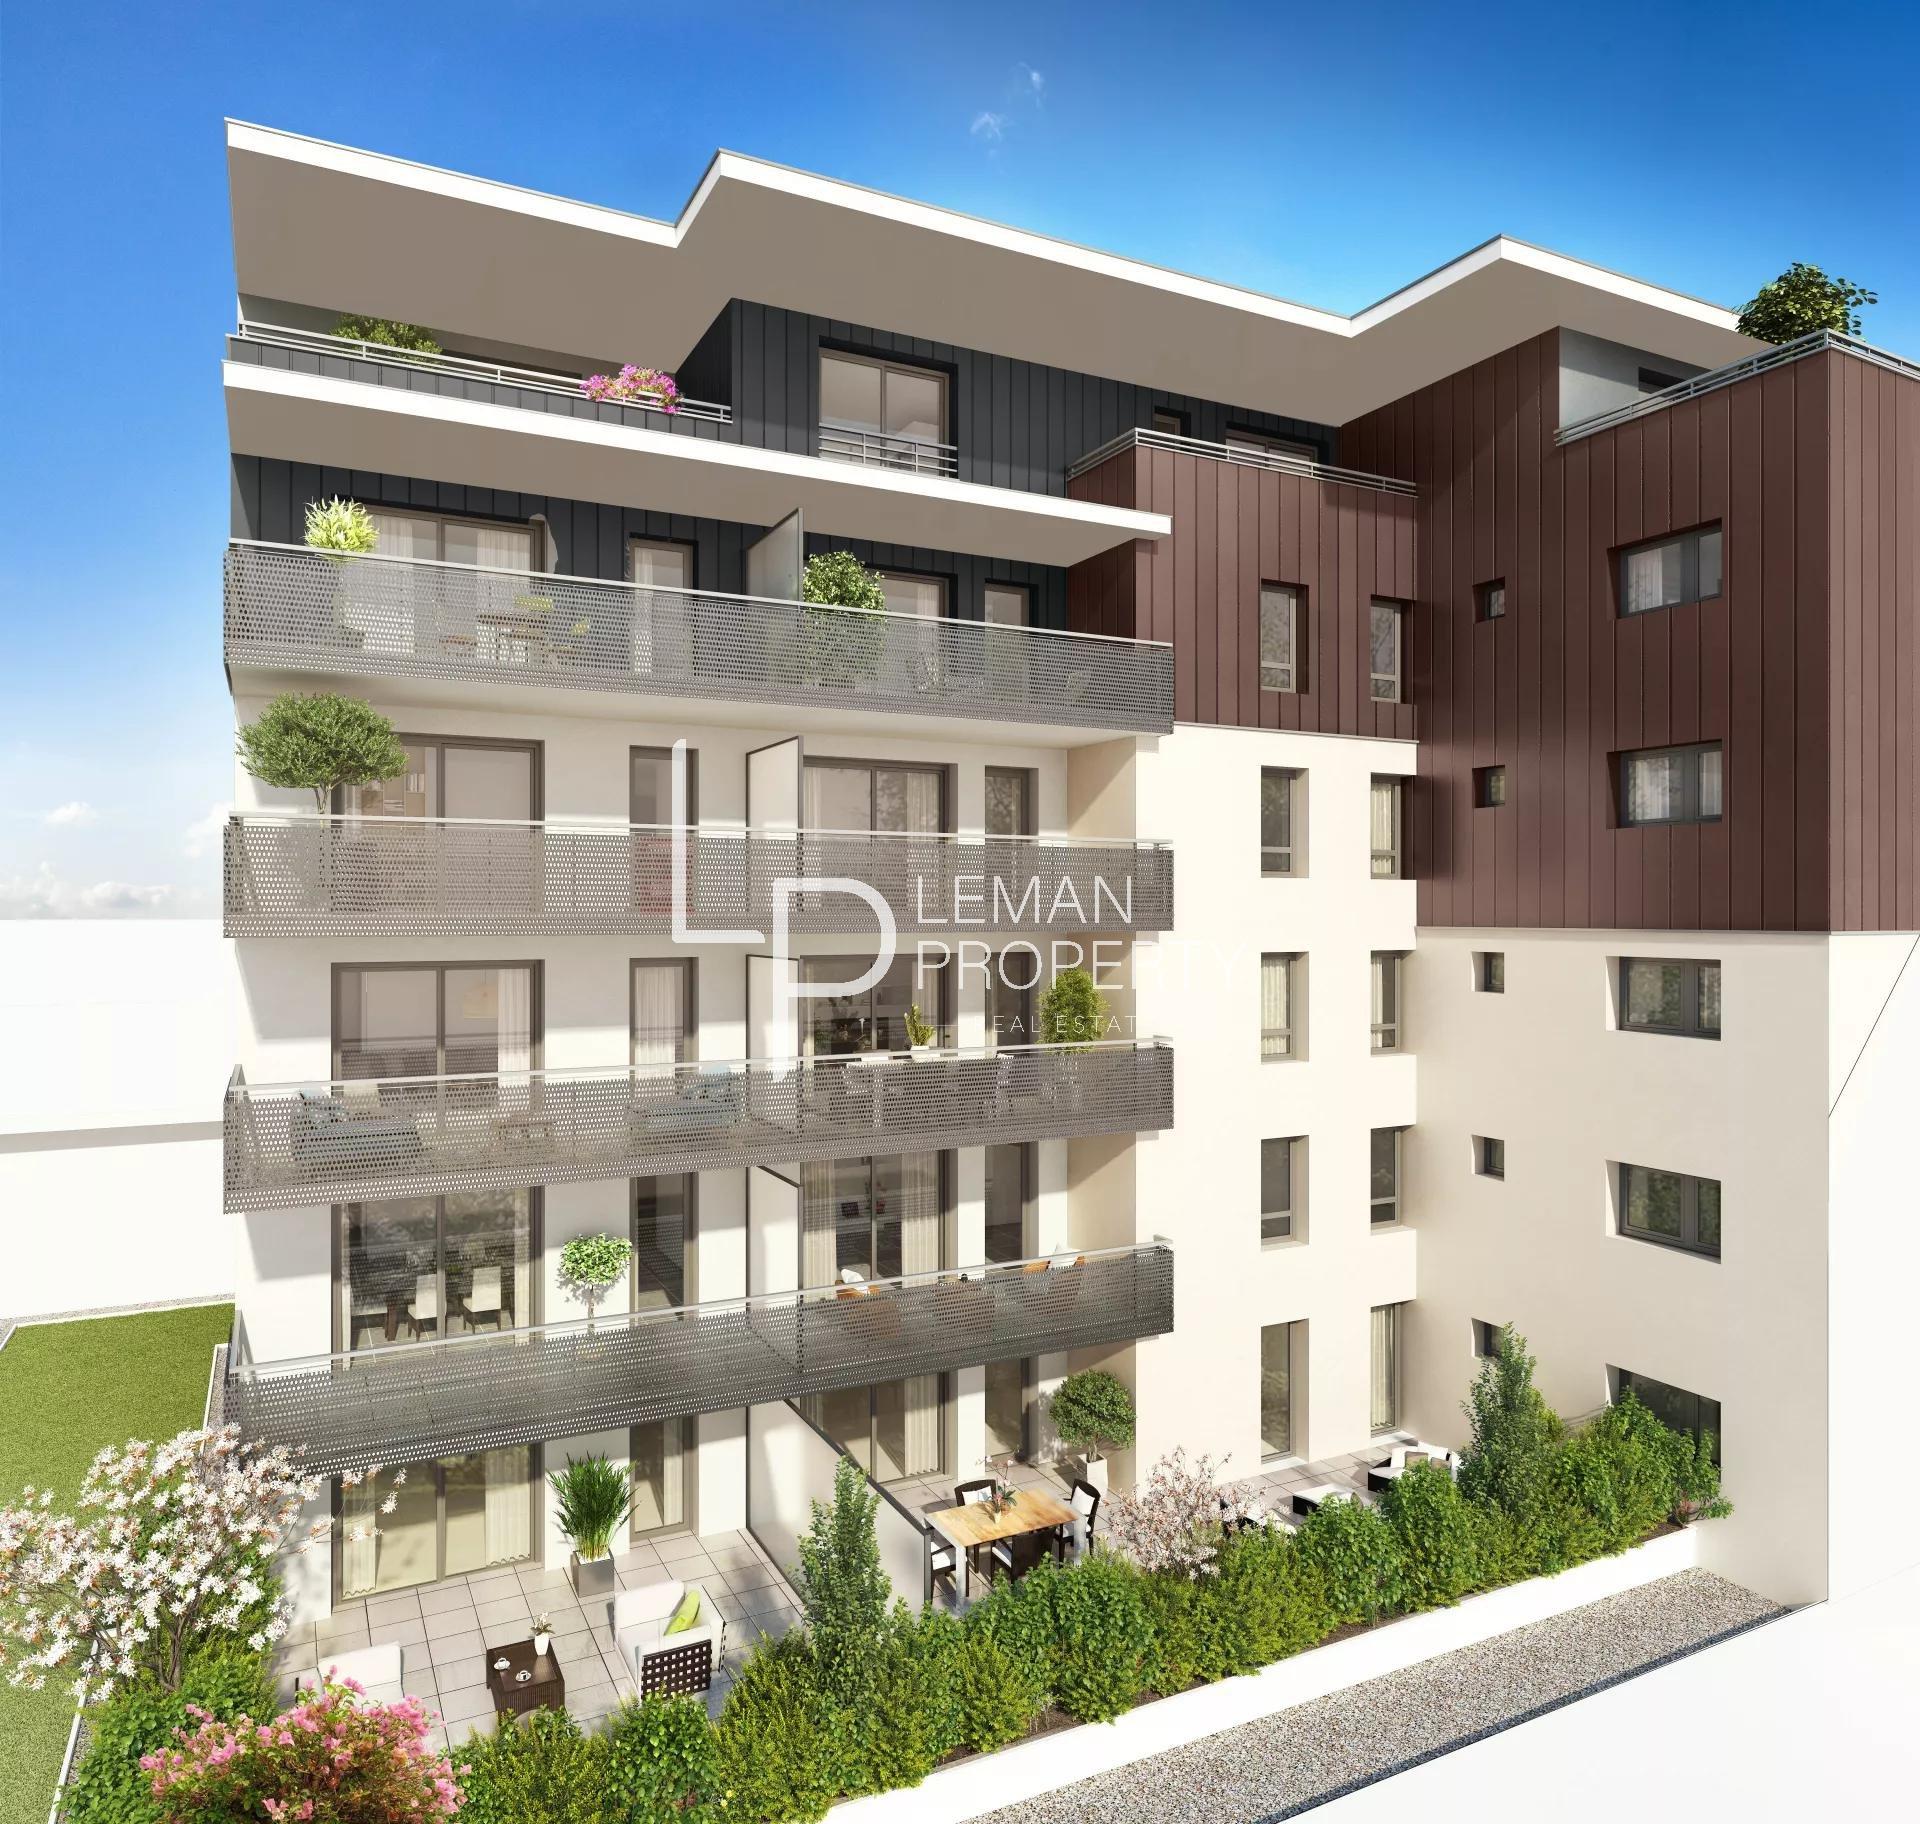 Vente de appartement à Thonon-les-Bains au prix de 255000€